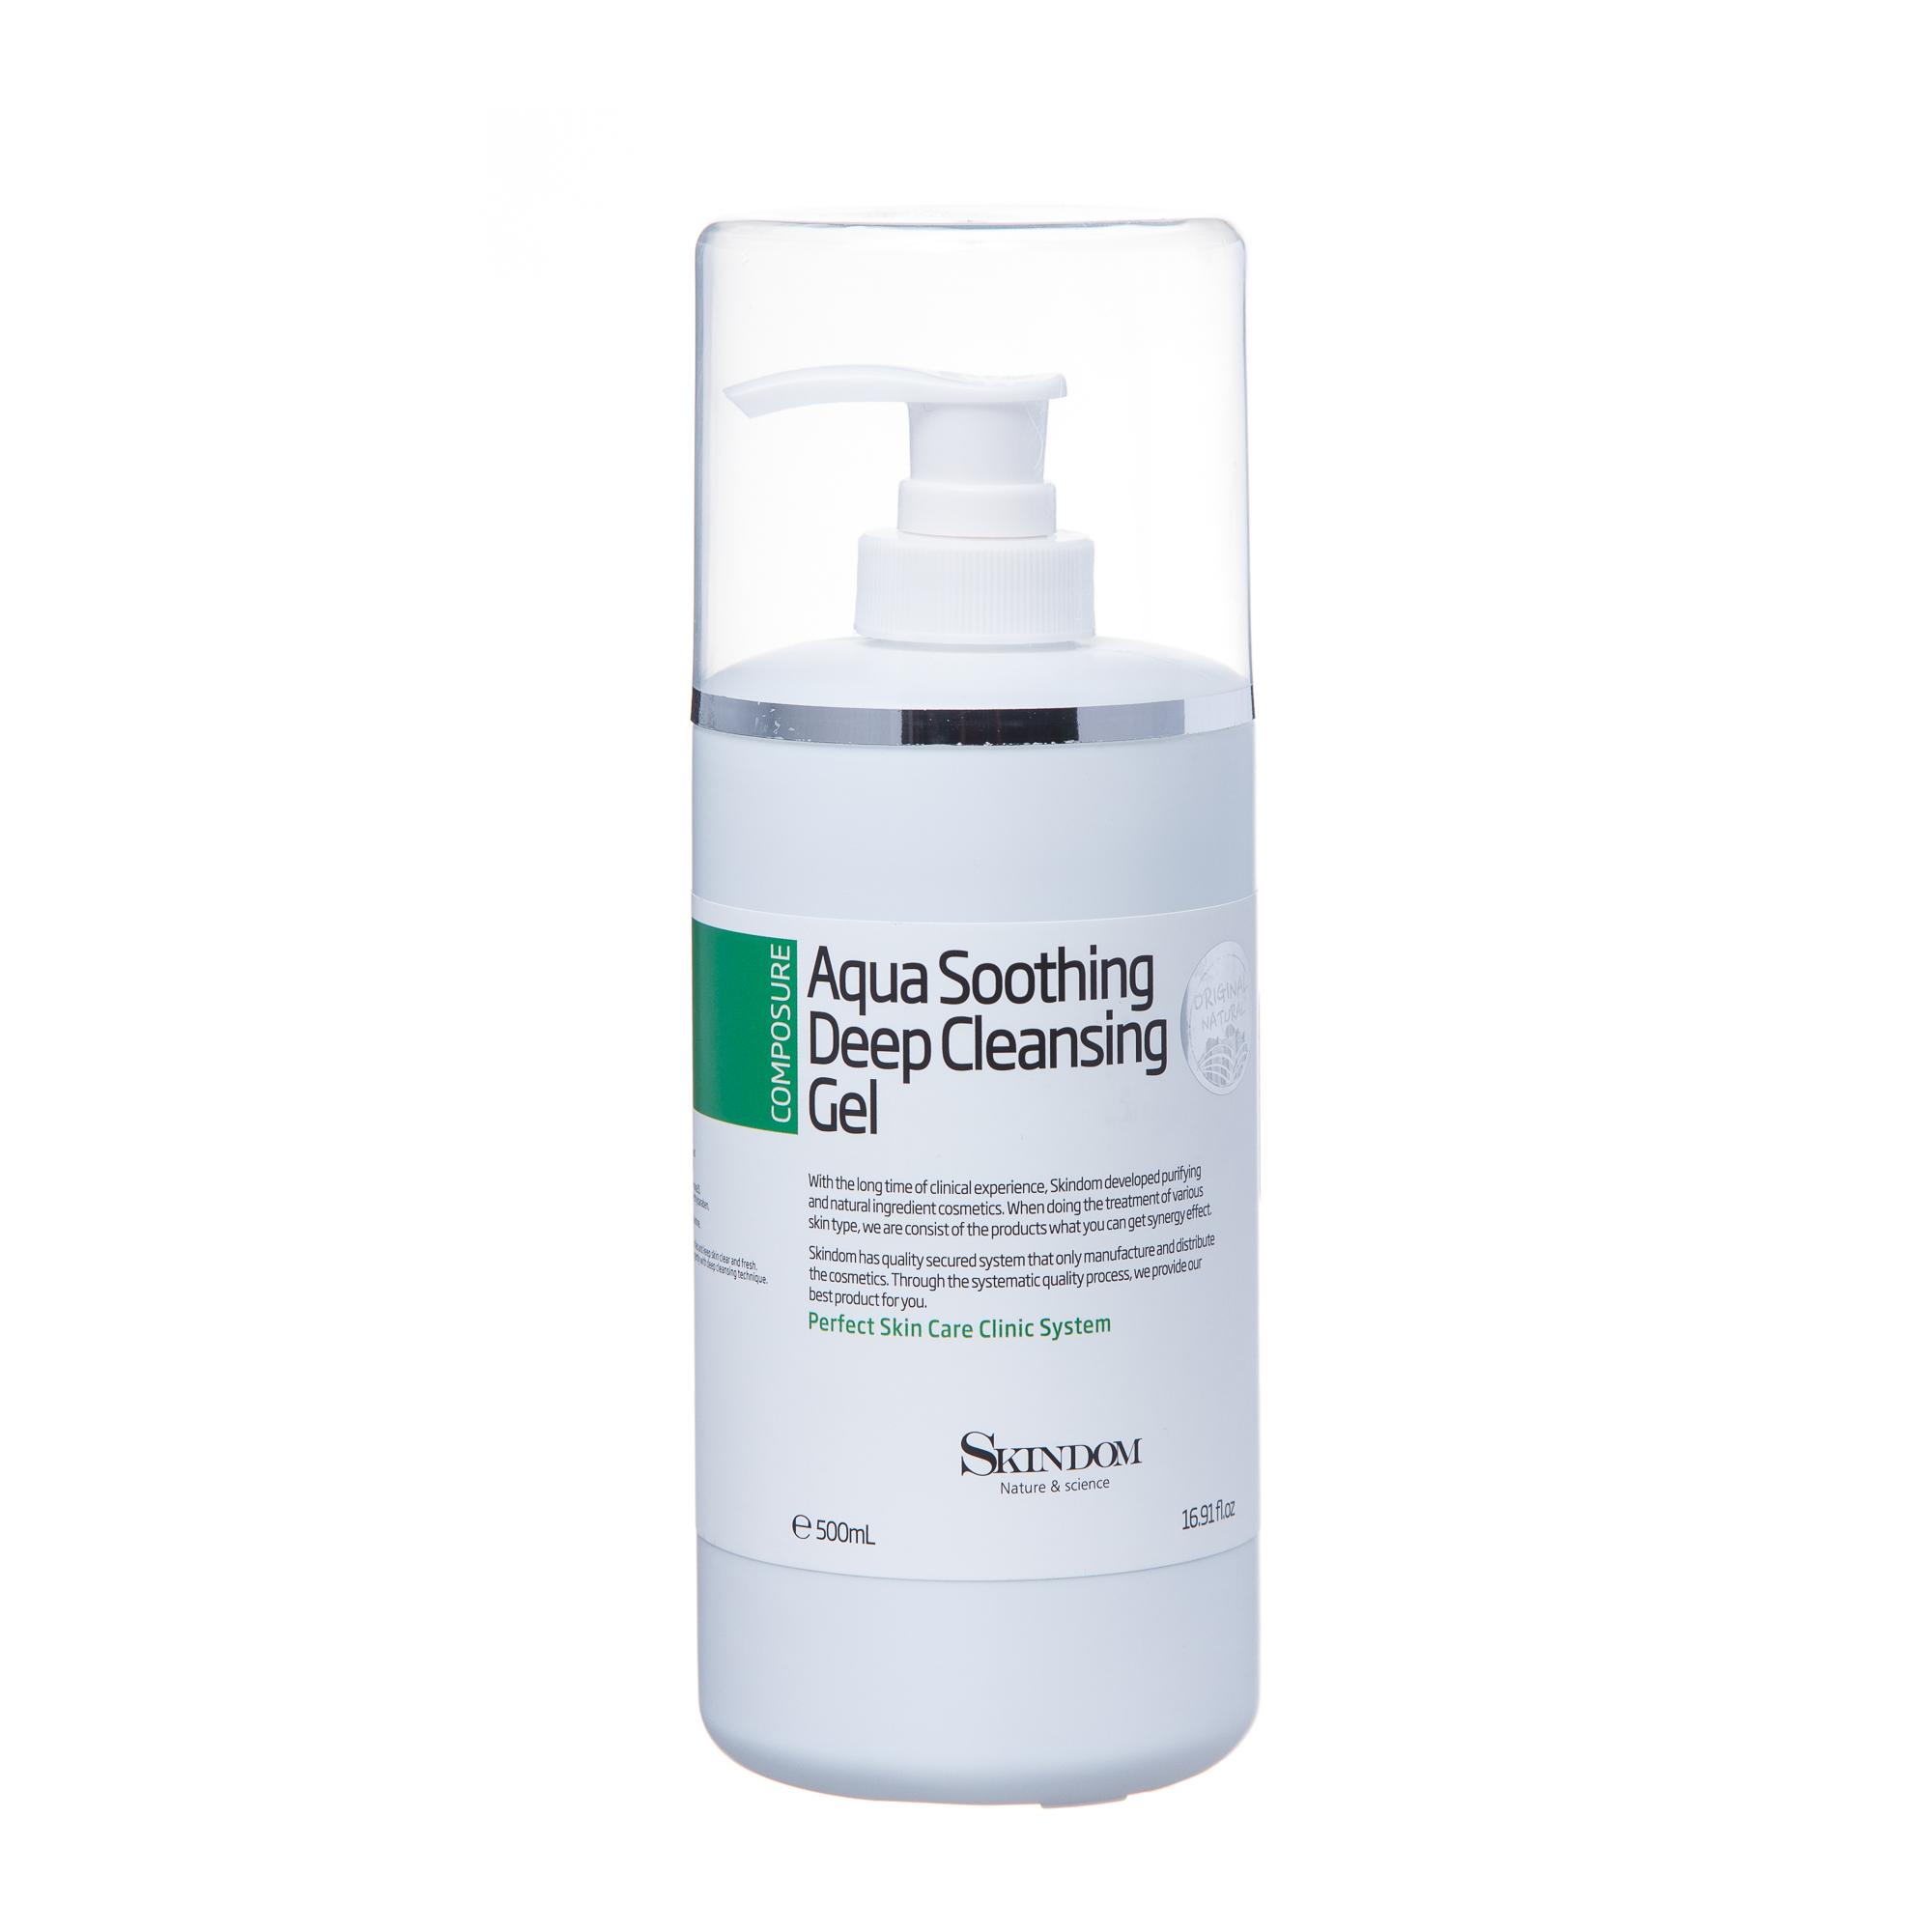 Купить SKINDOM Гель водный смягчающий глубоко очищающий для лица / AQUA SOOTHING DEEP CLEANSING GEL 500 мл